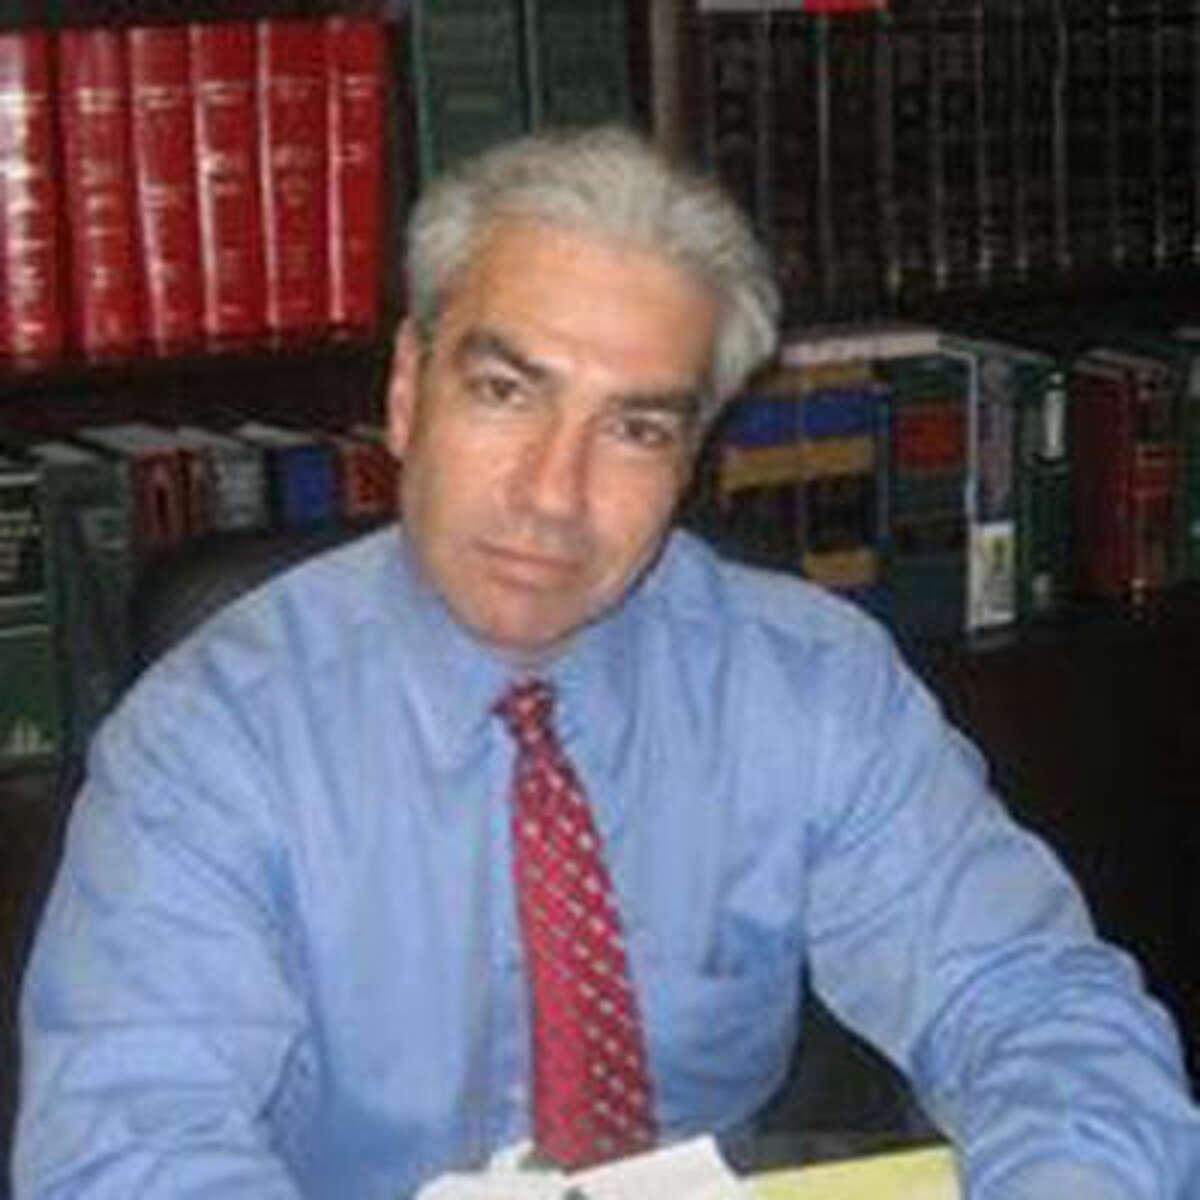 Michael R. Corsello